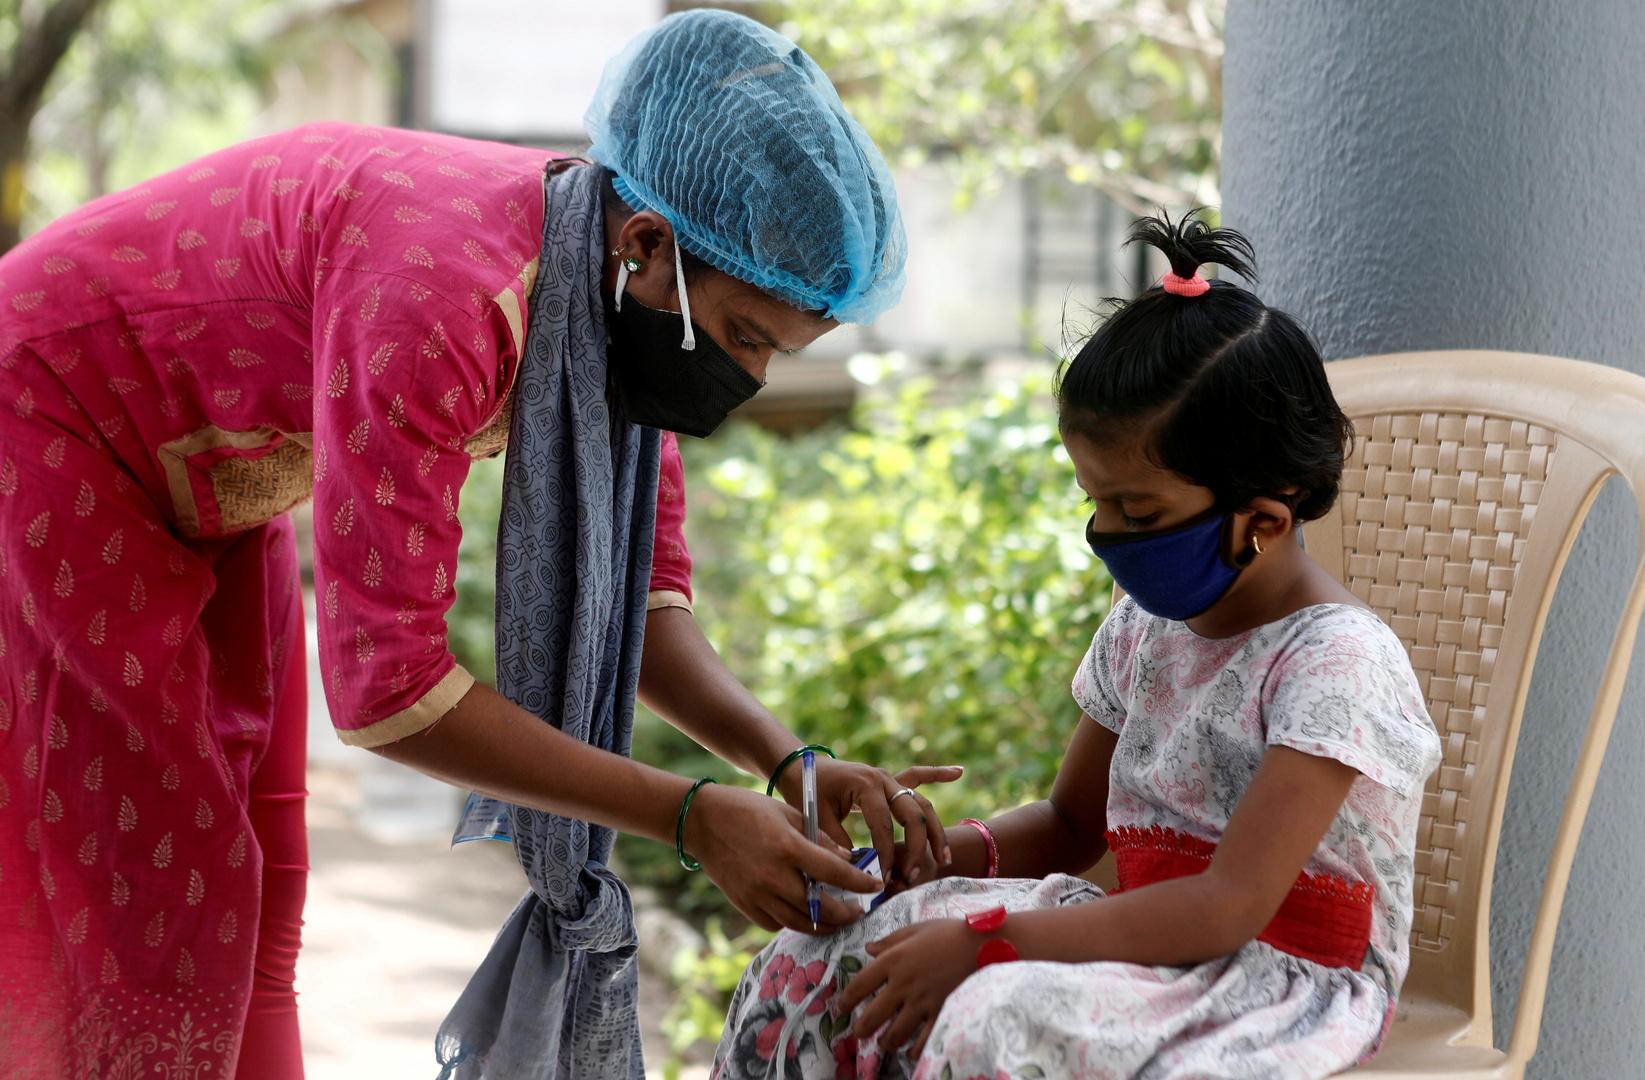 مسح: لدى نصف المراهقين في مومباي أجسام مضادة لفيروس كورونا